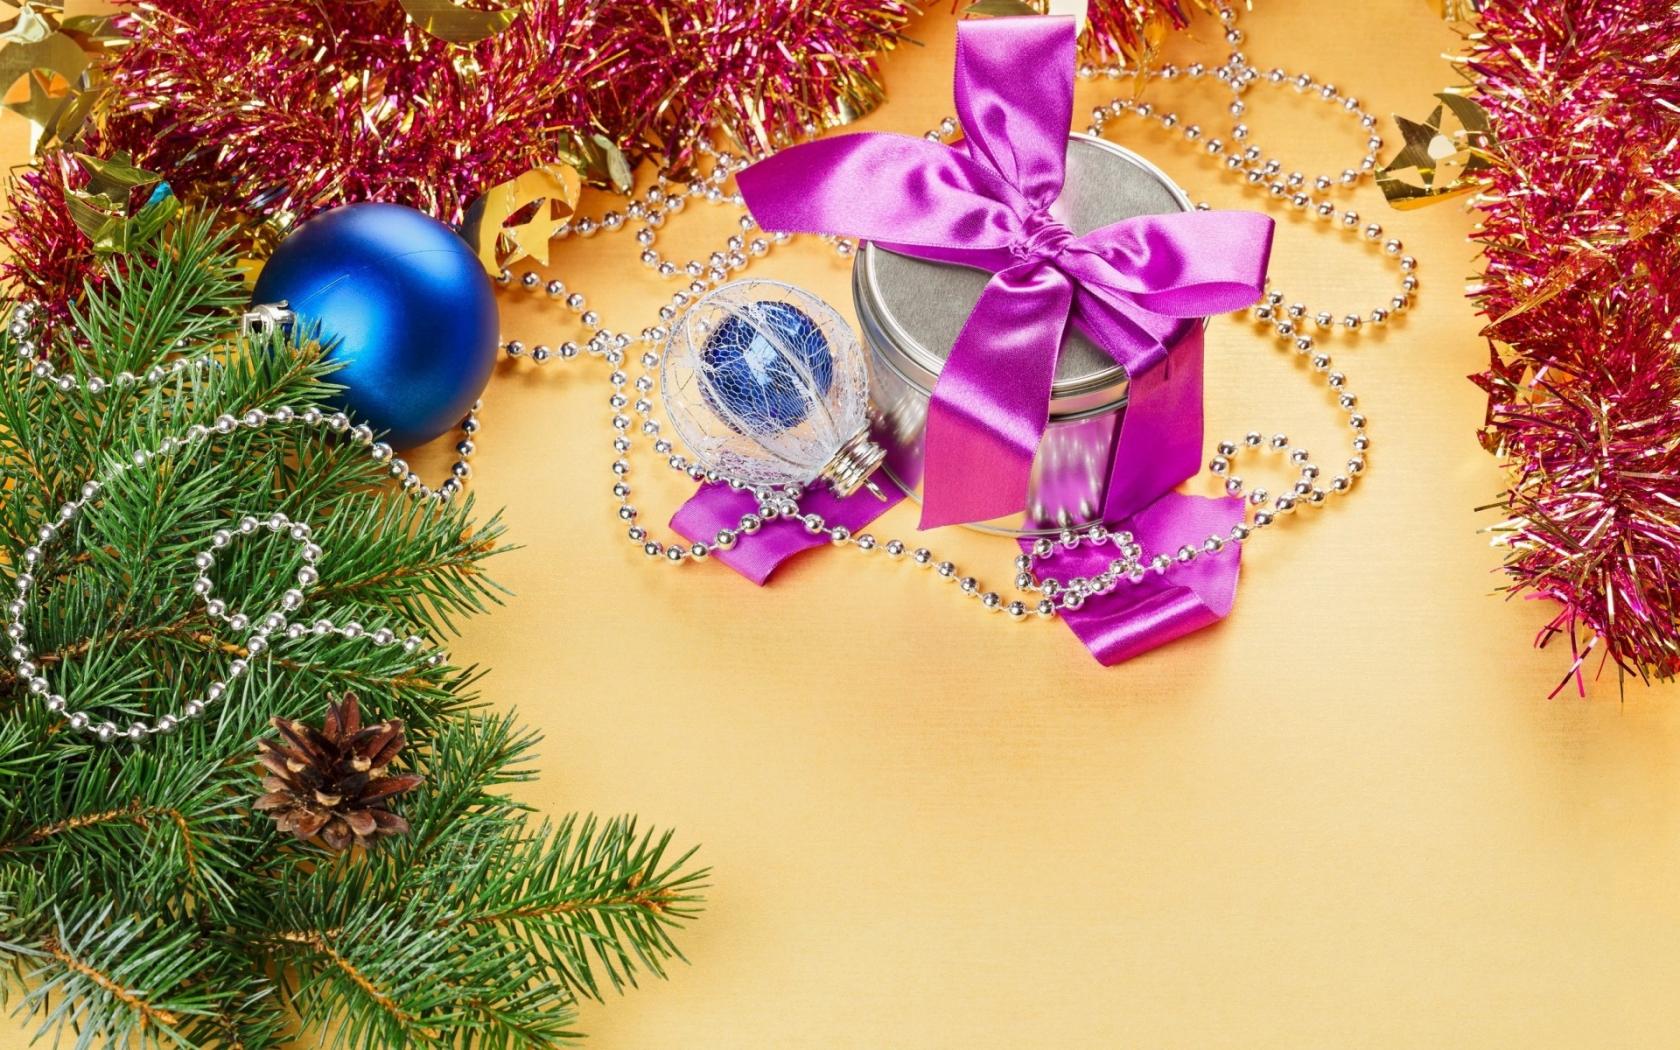 Decoración para árbol de navidad - 1680x1050